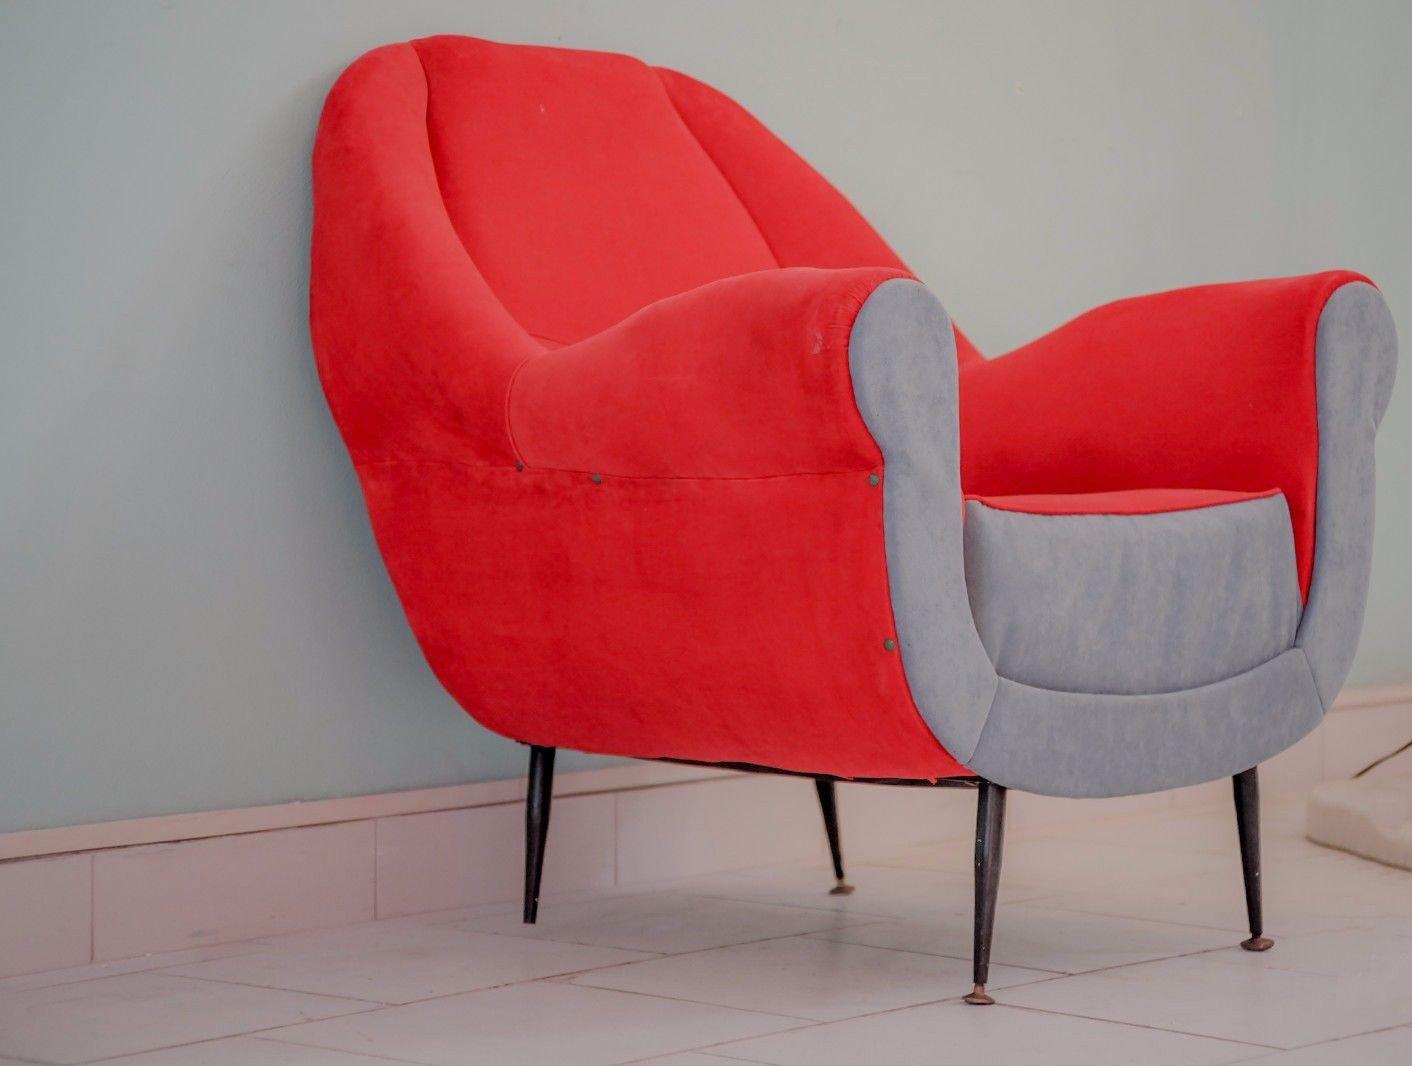 Vintage Sessel von Gigi Radice für Minotti